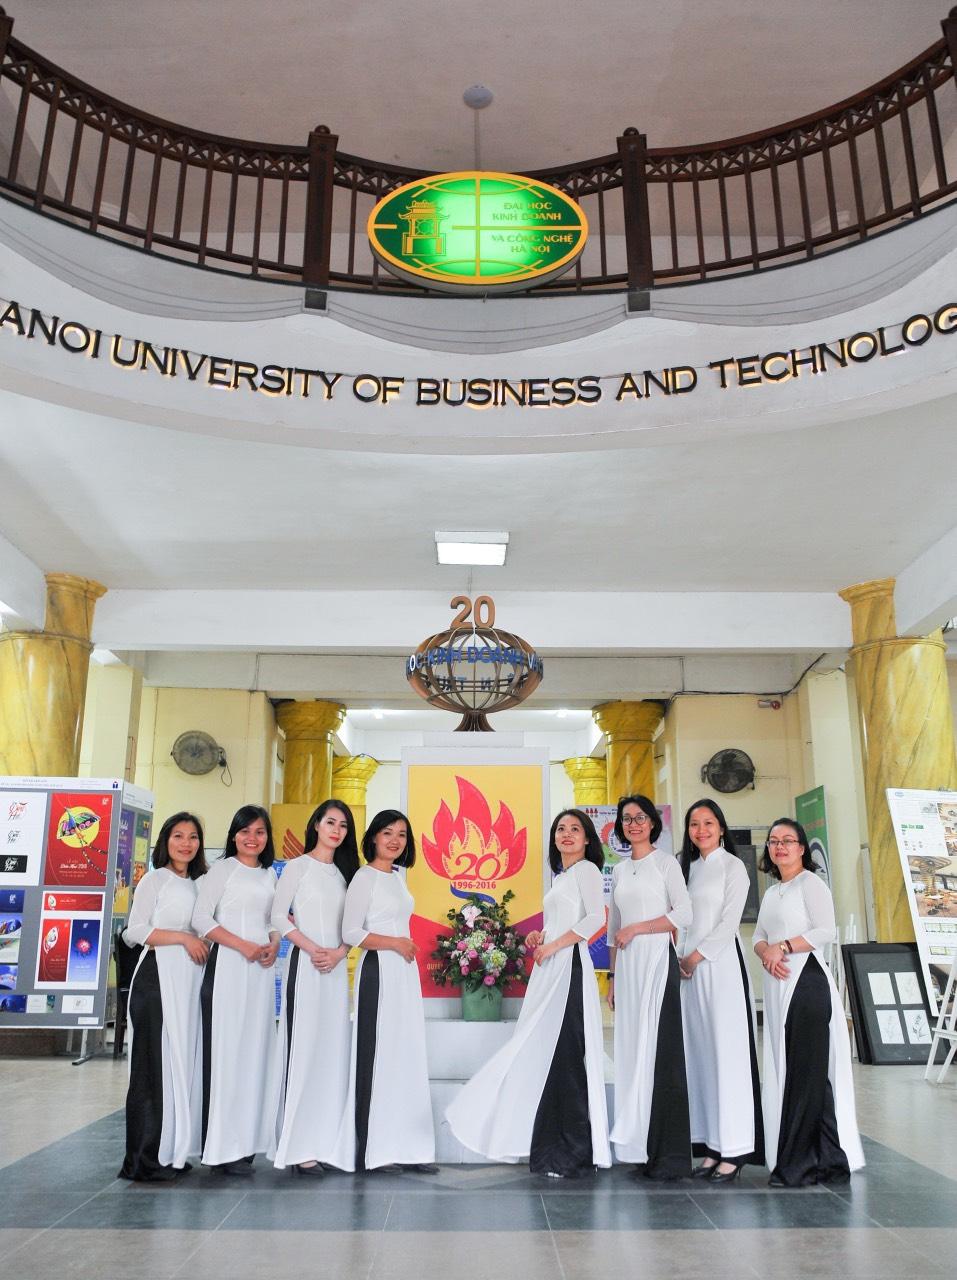 Tiến tới kỷ niệm 20 năm ngày thành lập Trung tâm Tin học - Đại học Kinh doanh và Công nghệ Hà Nội - Ảnh 4.